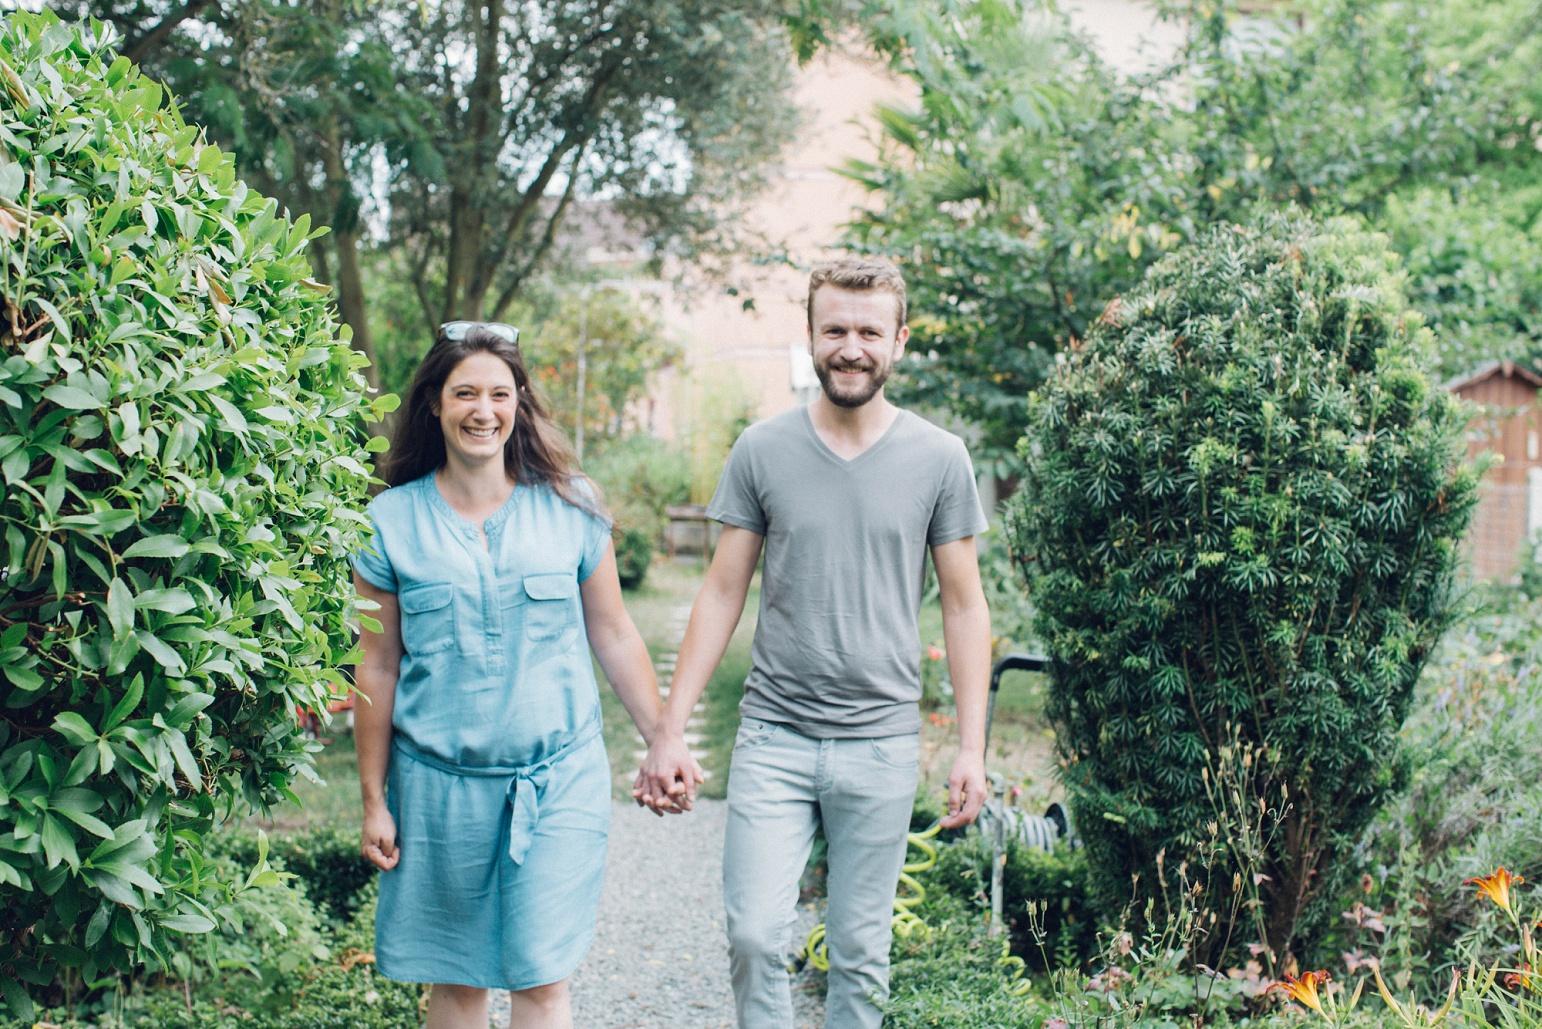 katerynaphotos-mariage-photographe-paysdelaloire-lemans-sarthe-sud_0723.jpg